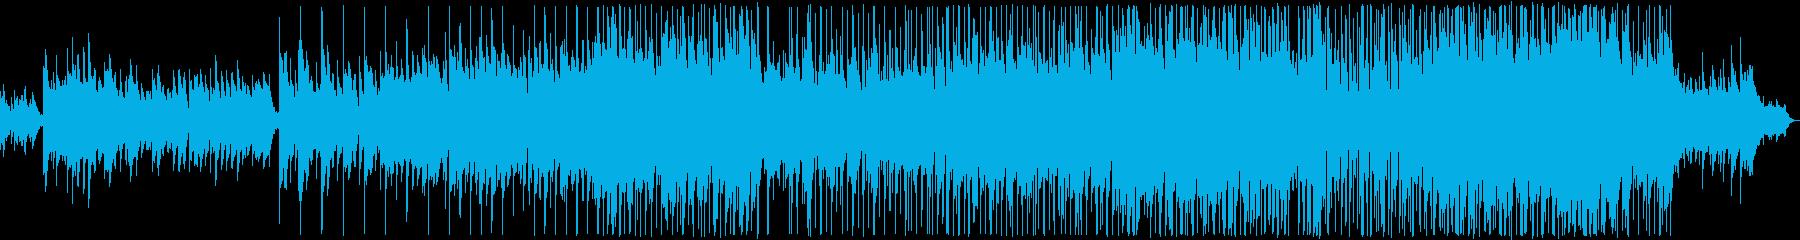 優しい雰囲気のバラード2の再生済みの波形